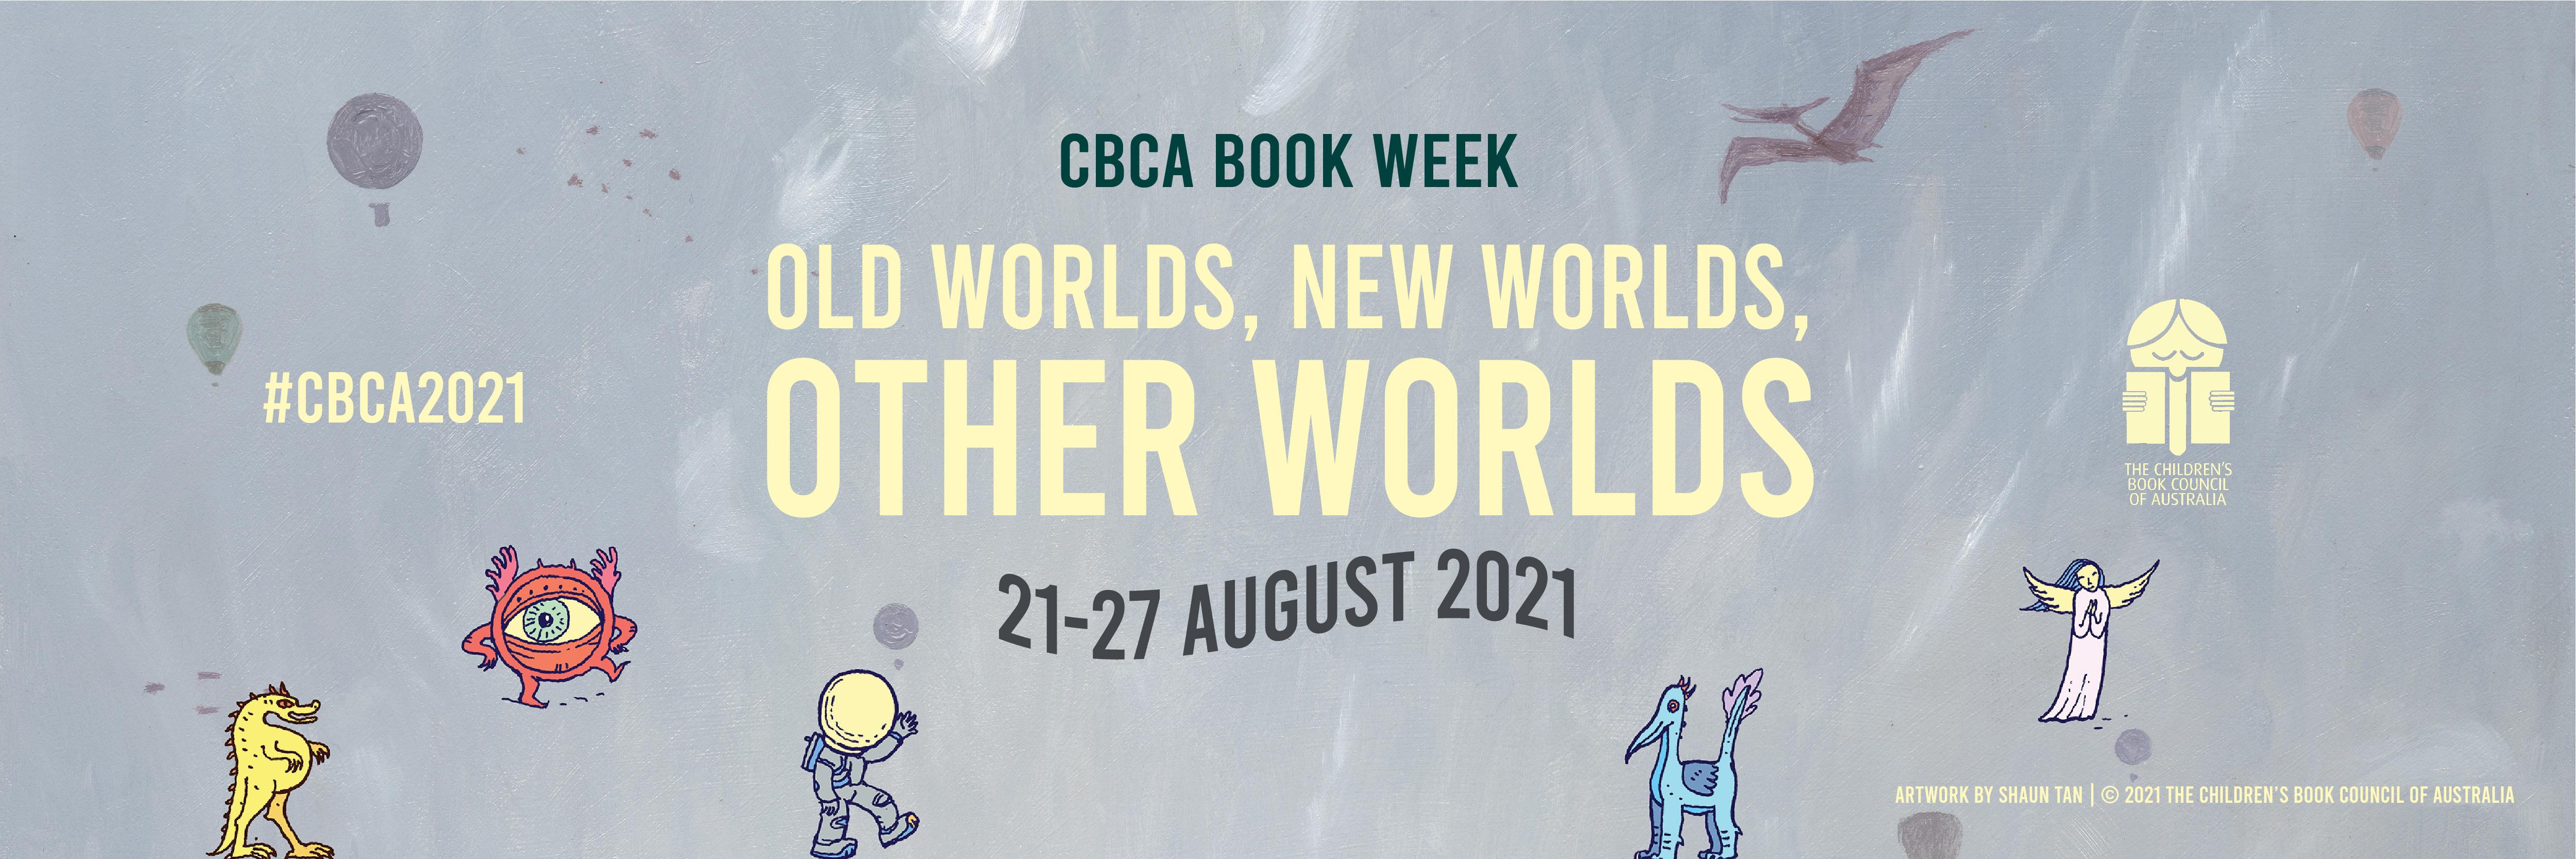 CBCA-Web-Banner-2021.jpg?mtime=20210219133246#asset:23005